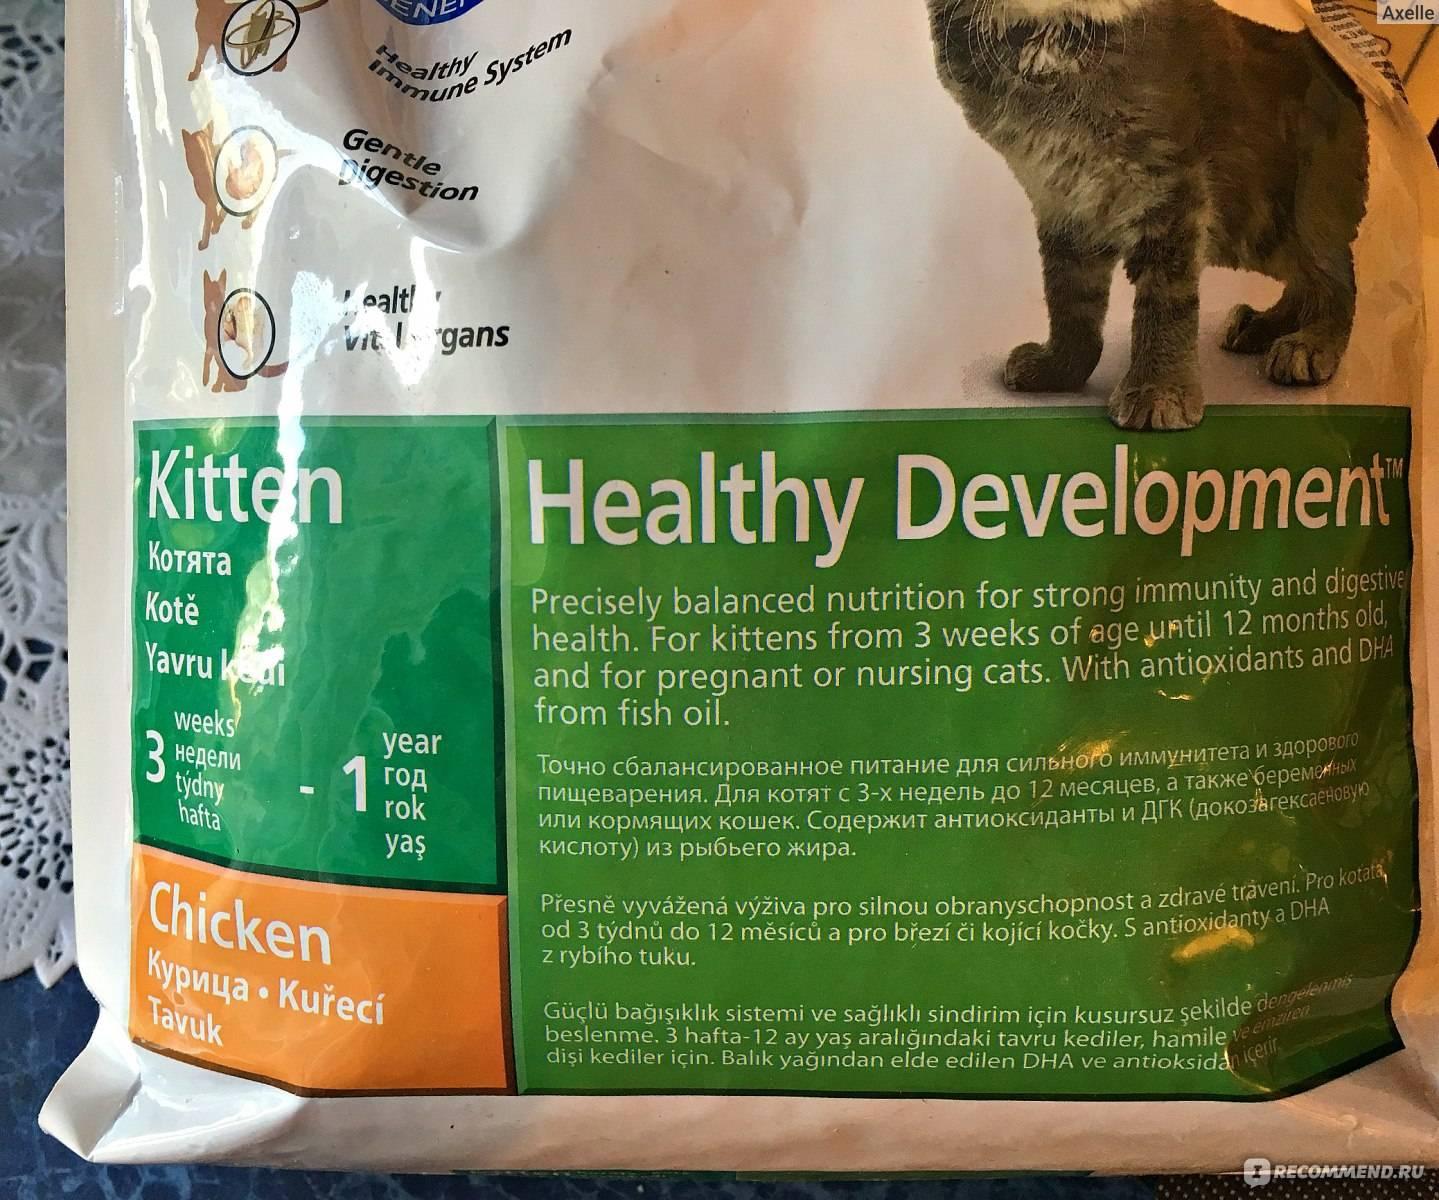 Рейтинг кормов холистик класса для кошек 2021: обзор хороших производителей